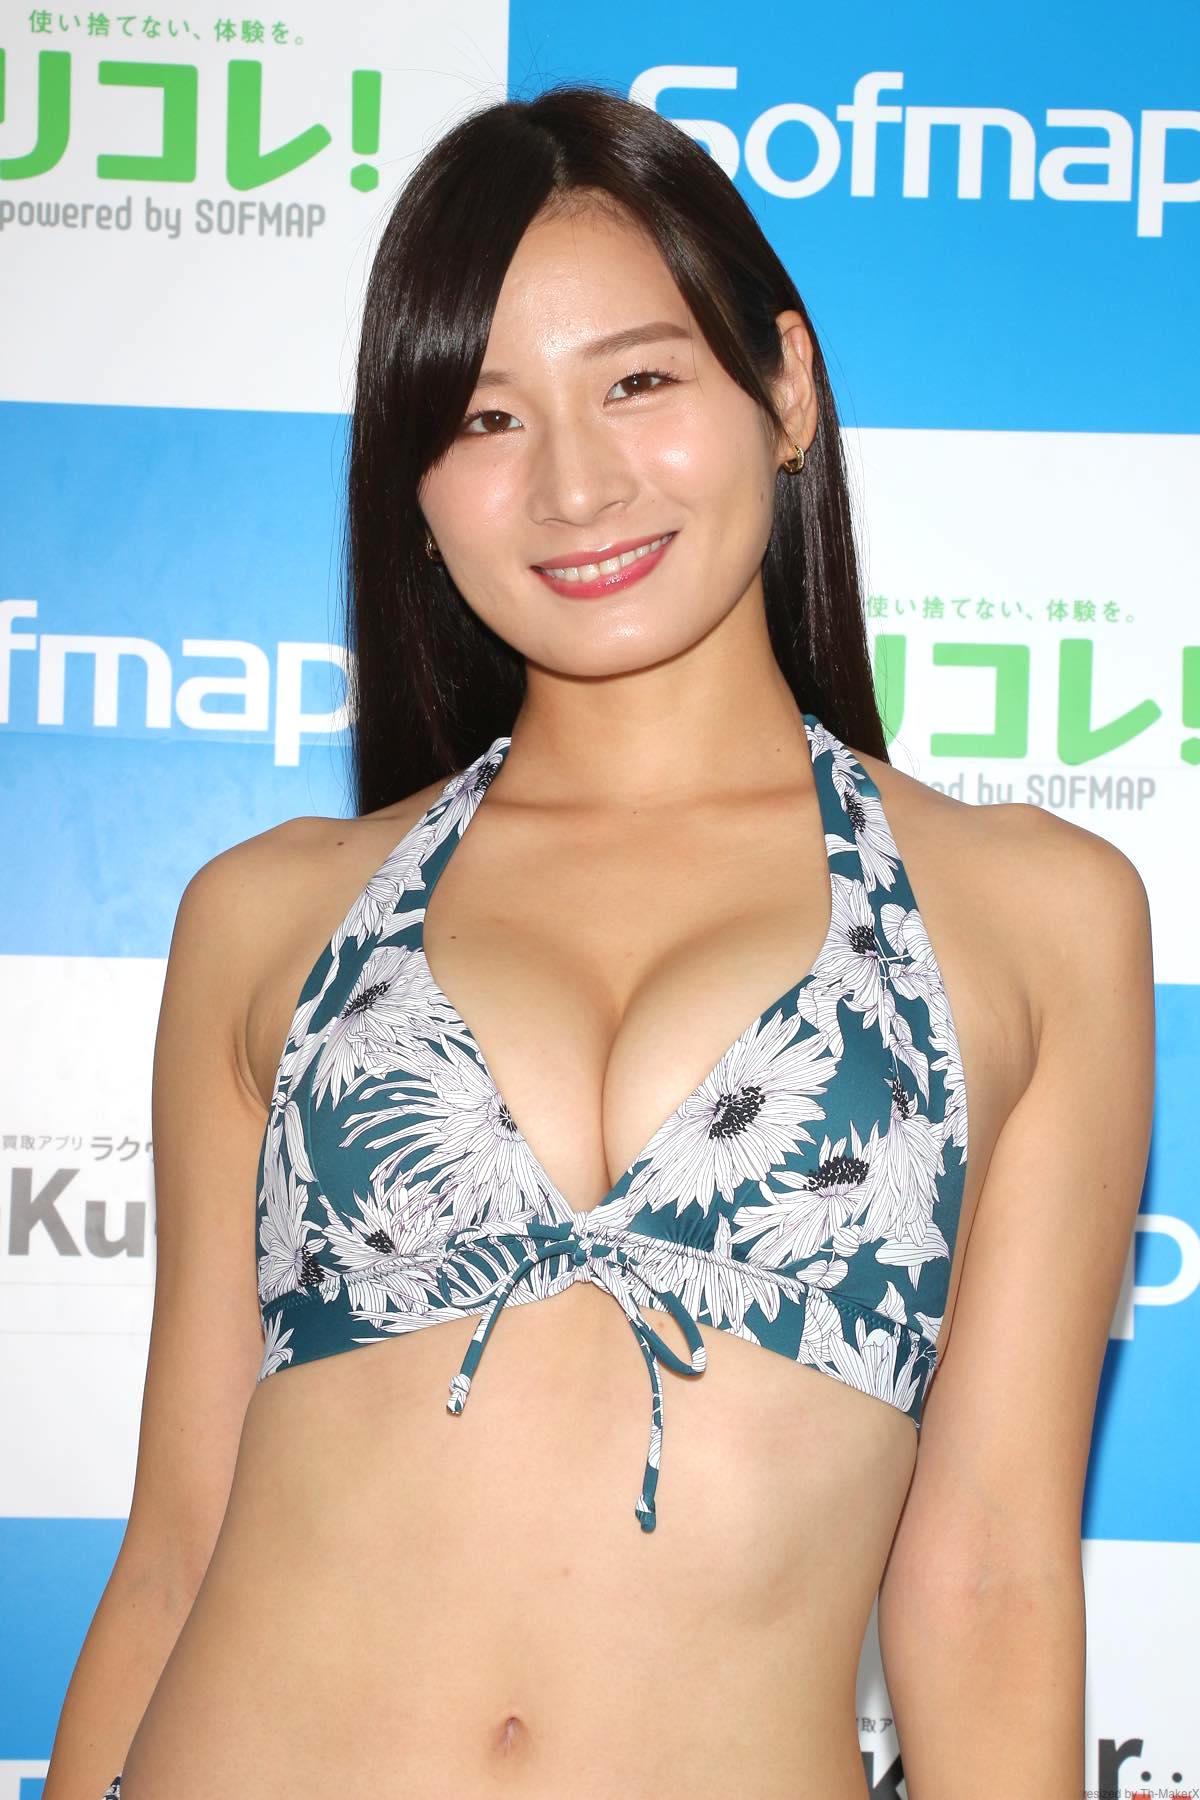 清瀬汐希「オフィスでY字の水着」露出度高くて恥ずかしい【画像48枚】の画像017